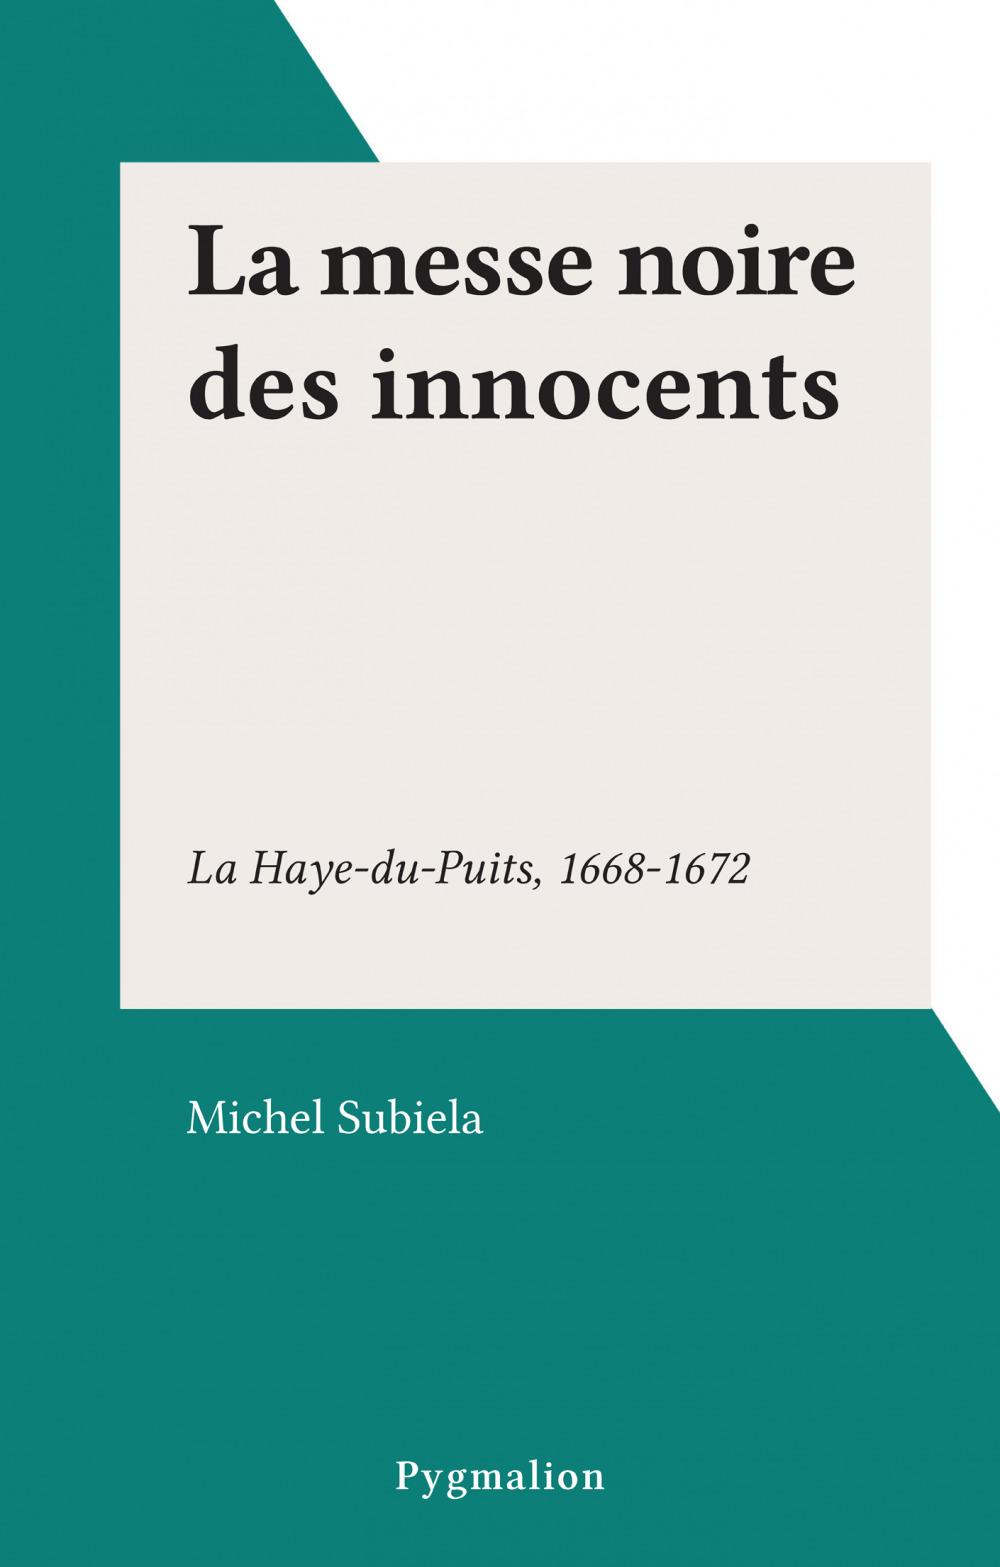 La messe noire des innocents